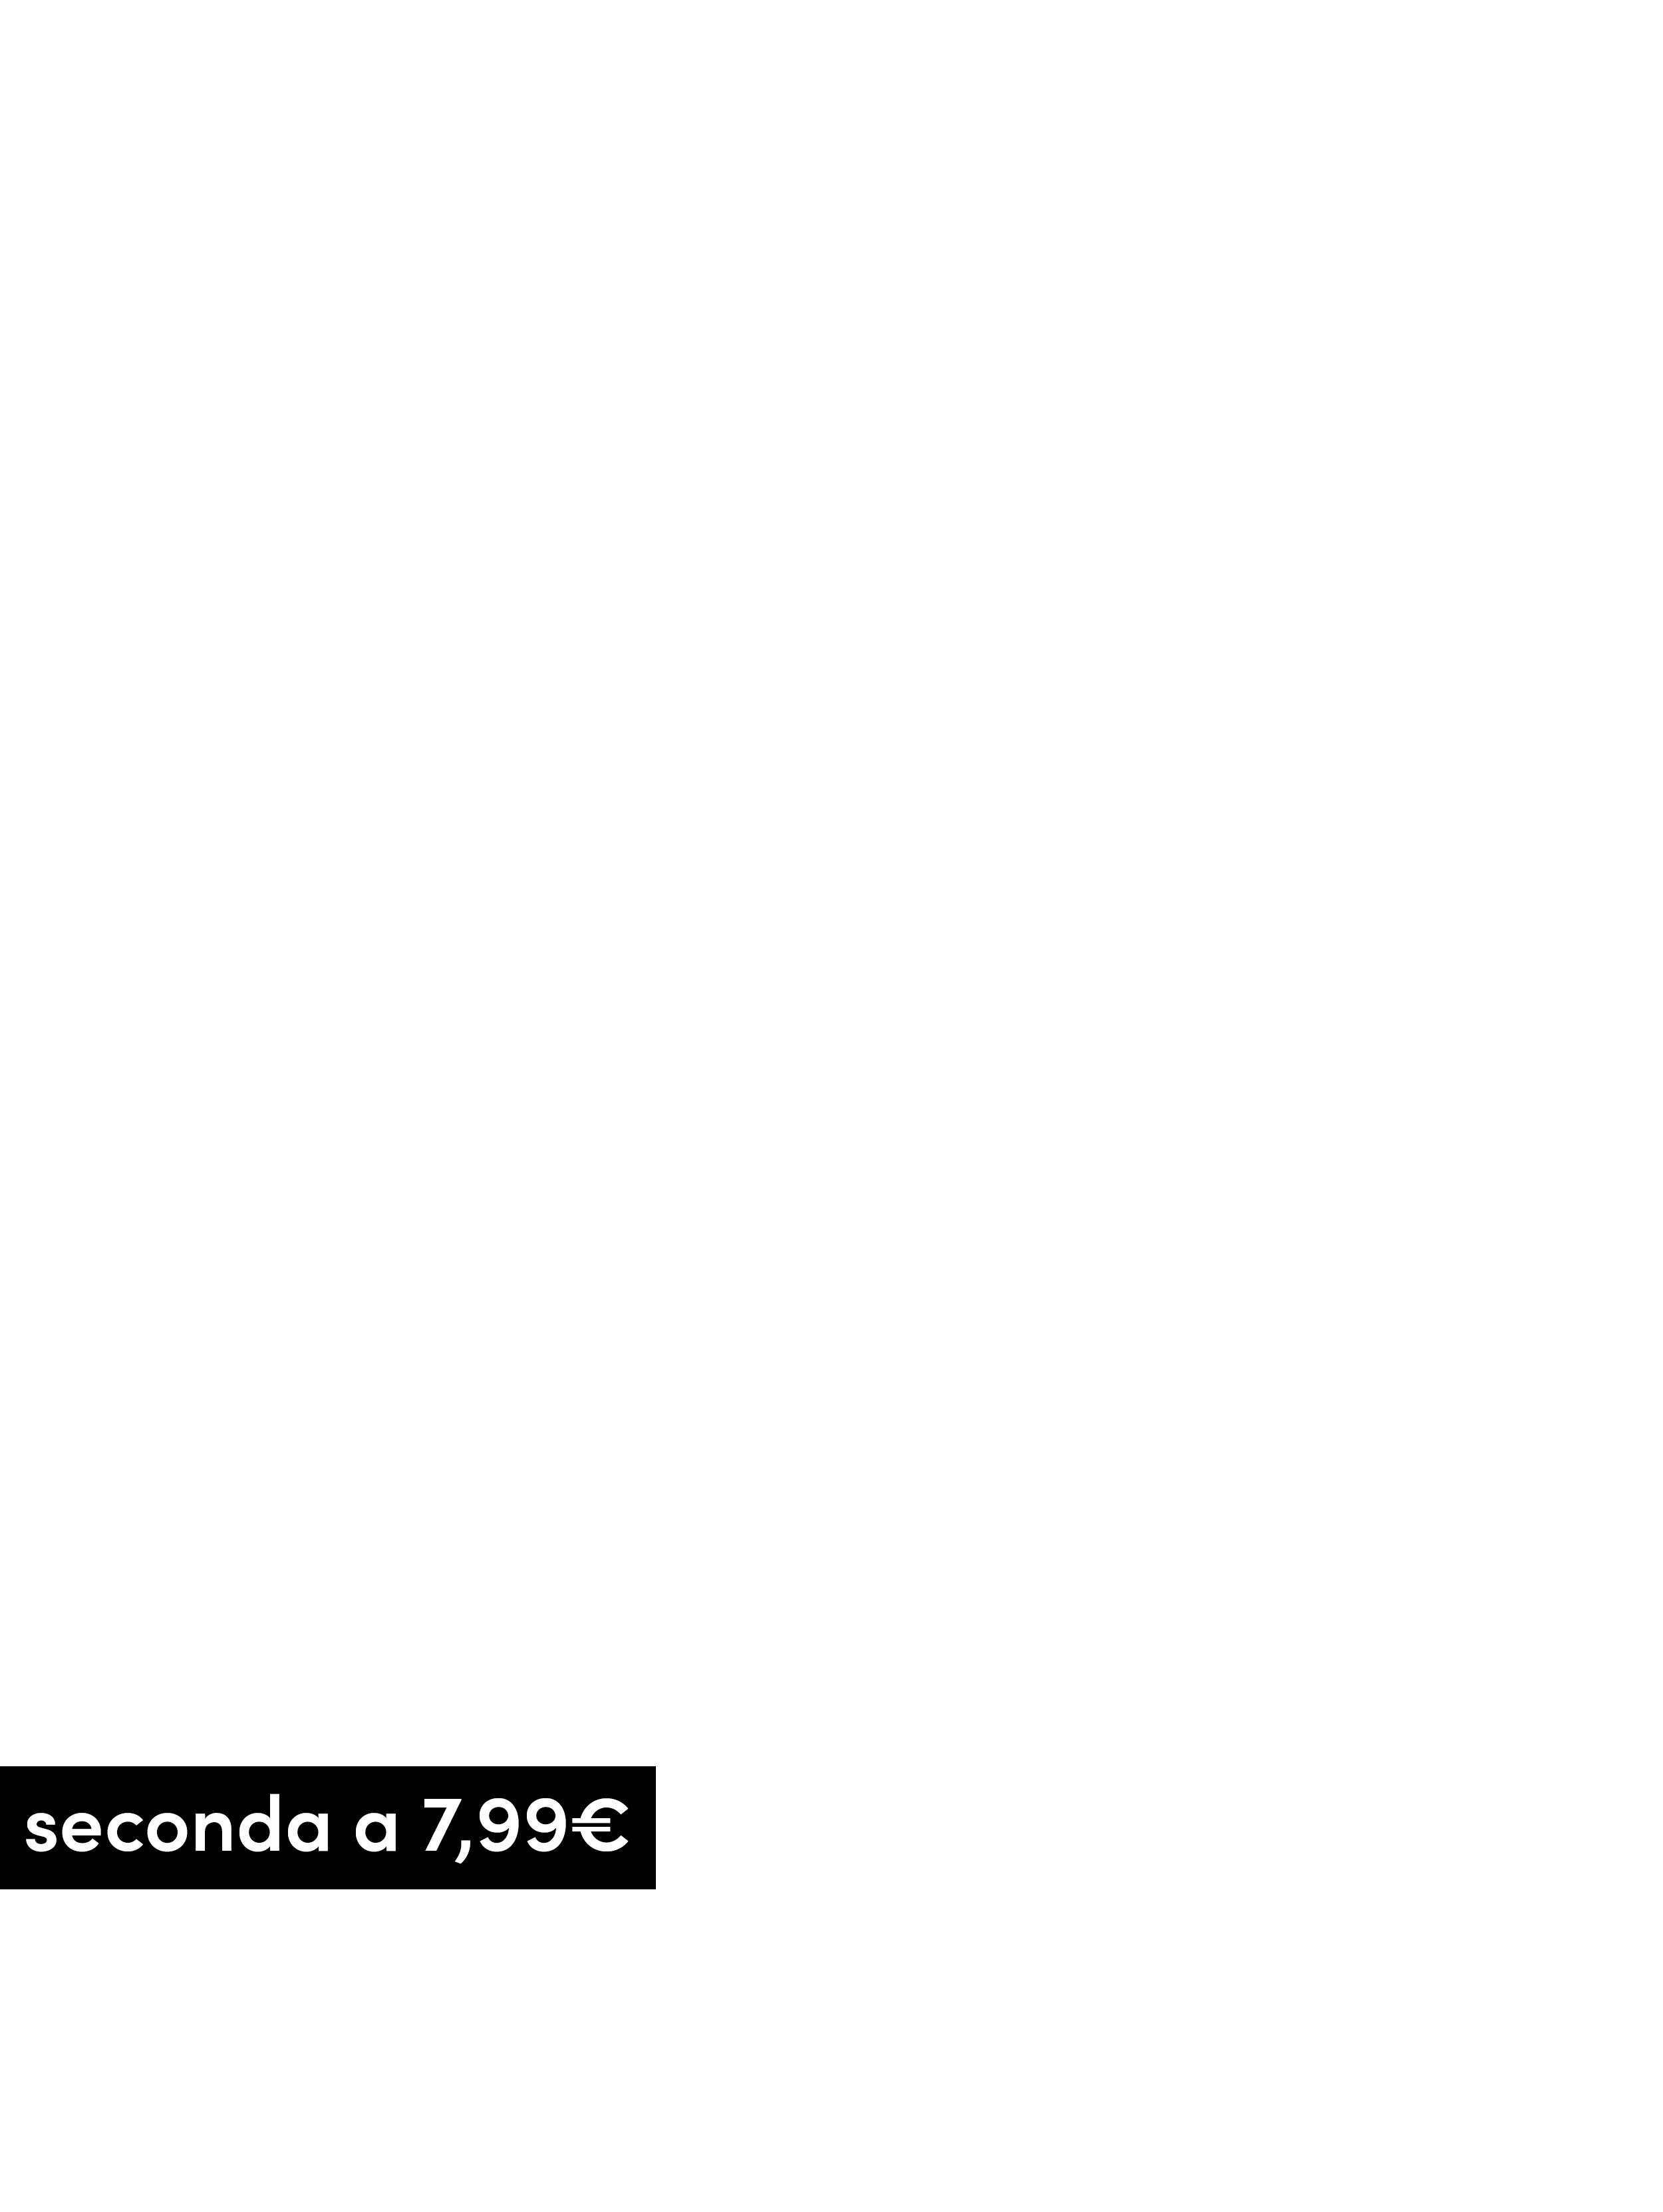 secondA a 7.99